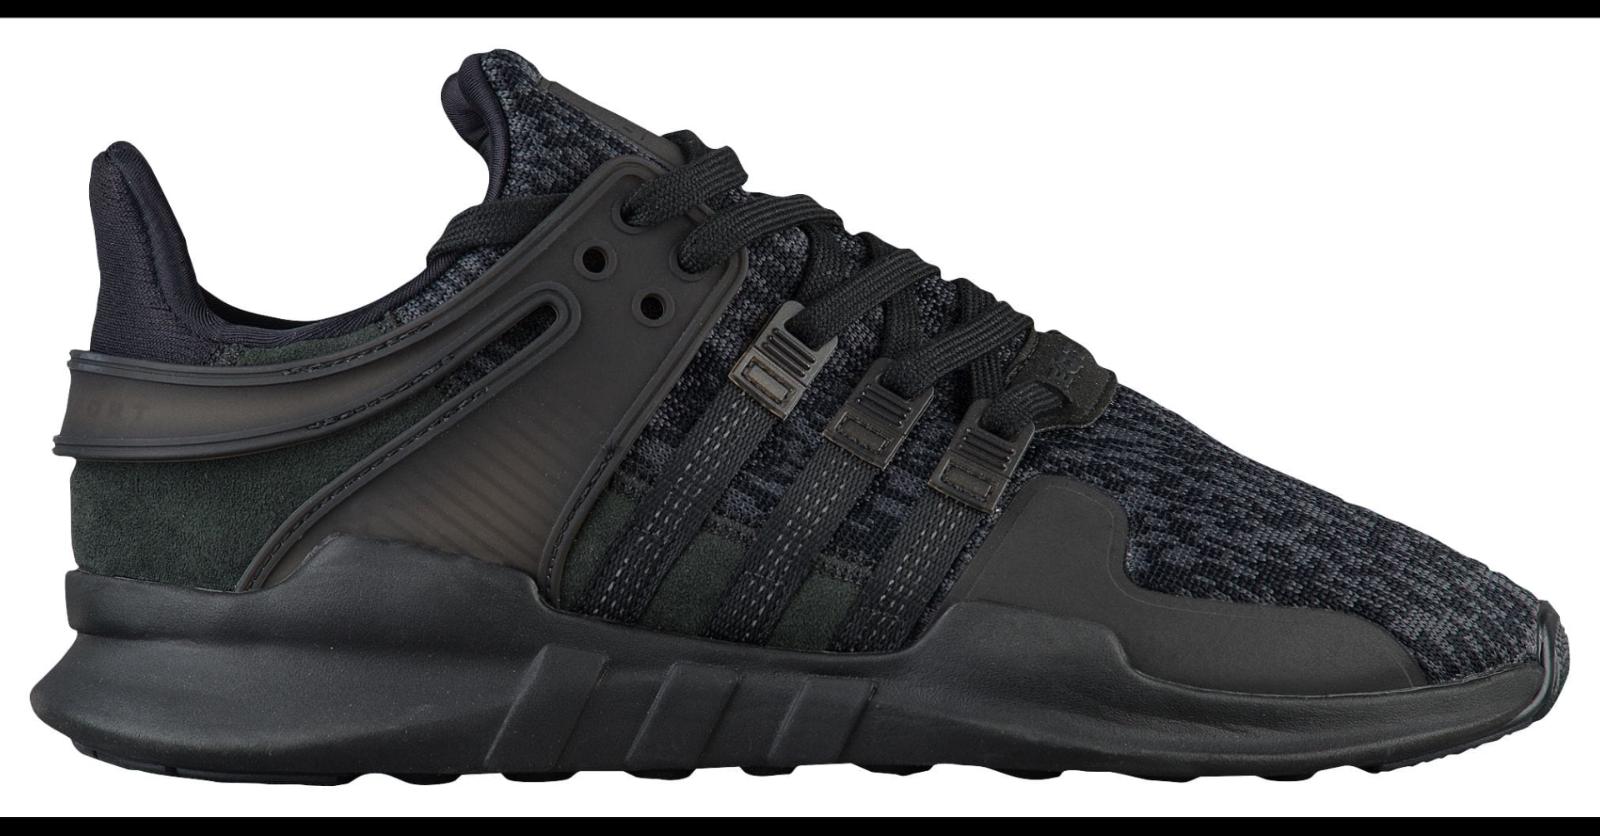 cheaper 3941c 1f1d3 Adidas Originals Men's EQT SUPPORT ADV Shoes Core Black/Sub Green BY9589 b